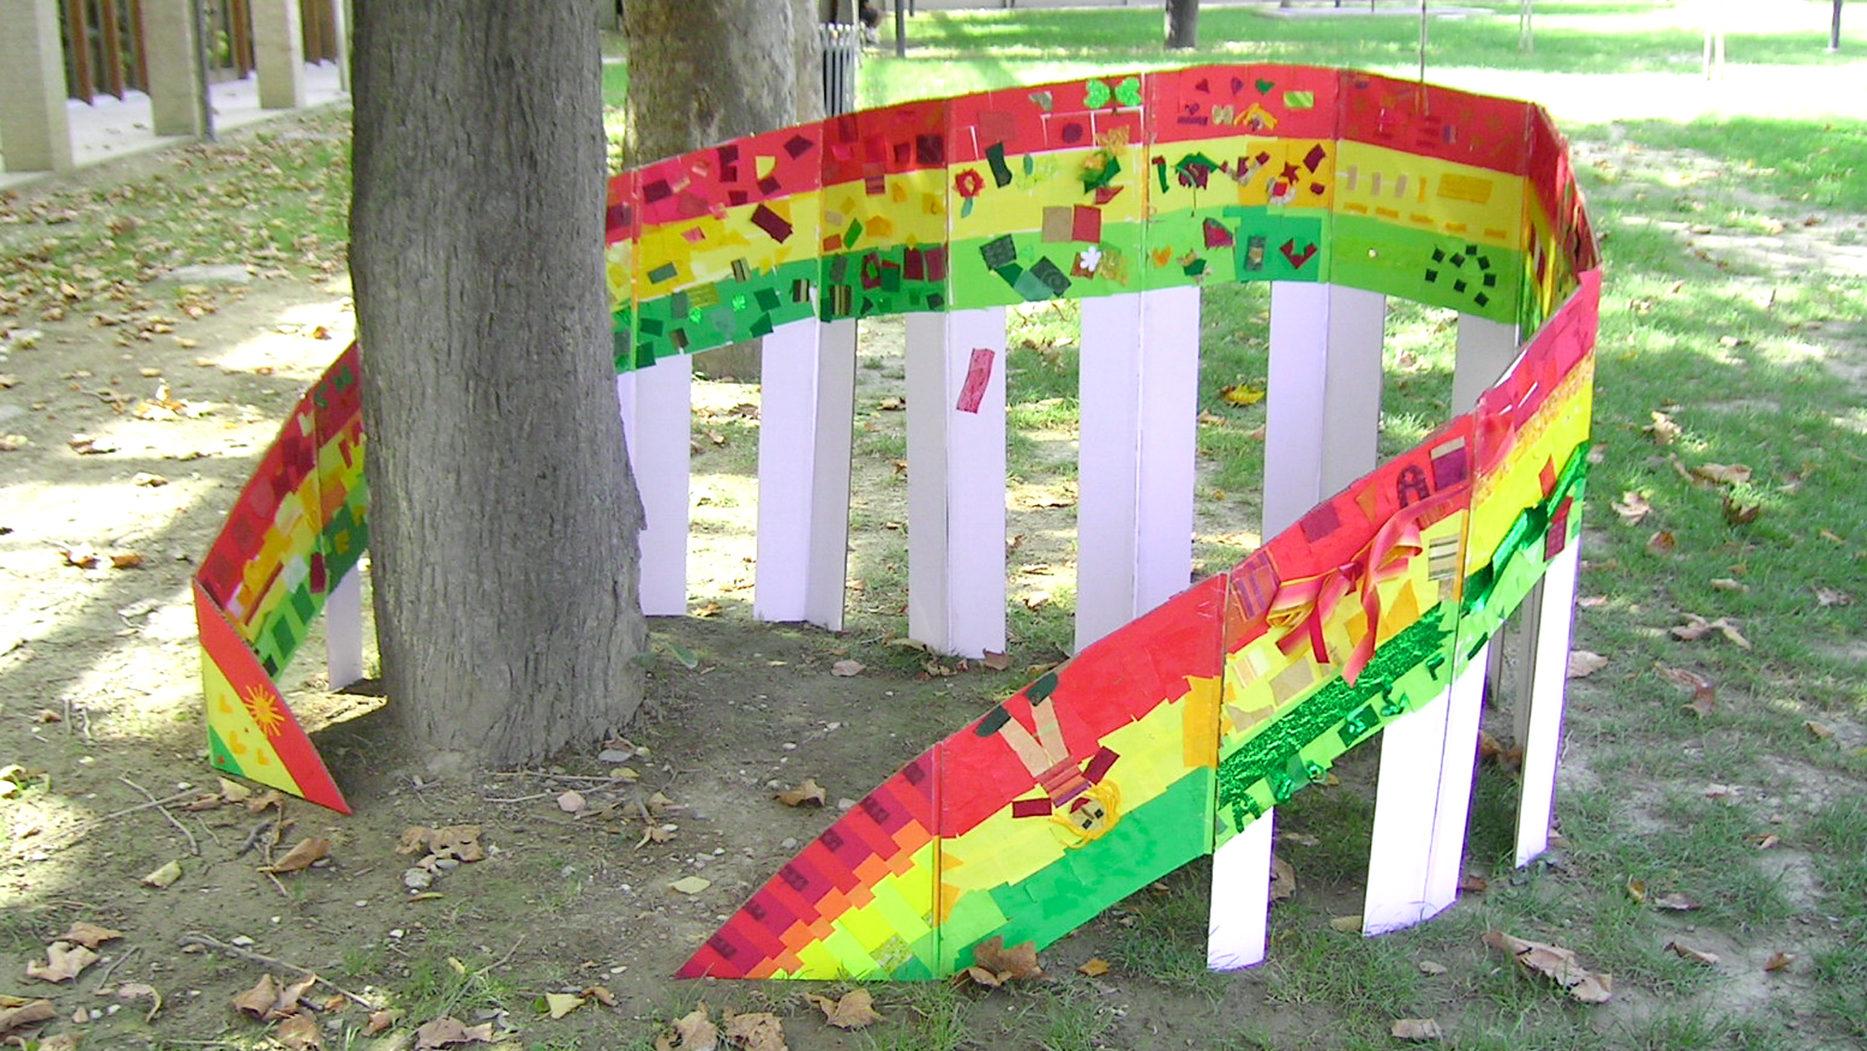 un arcobaleno di cartone auto-costruito in un laboratorio collettivo